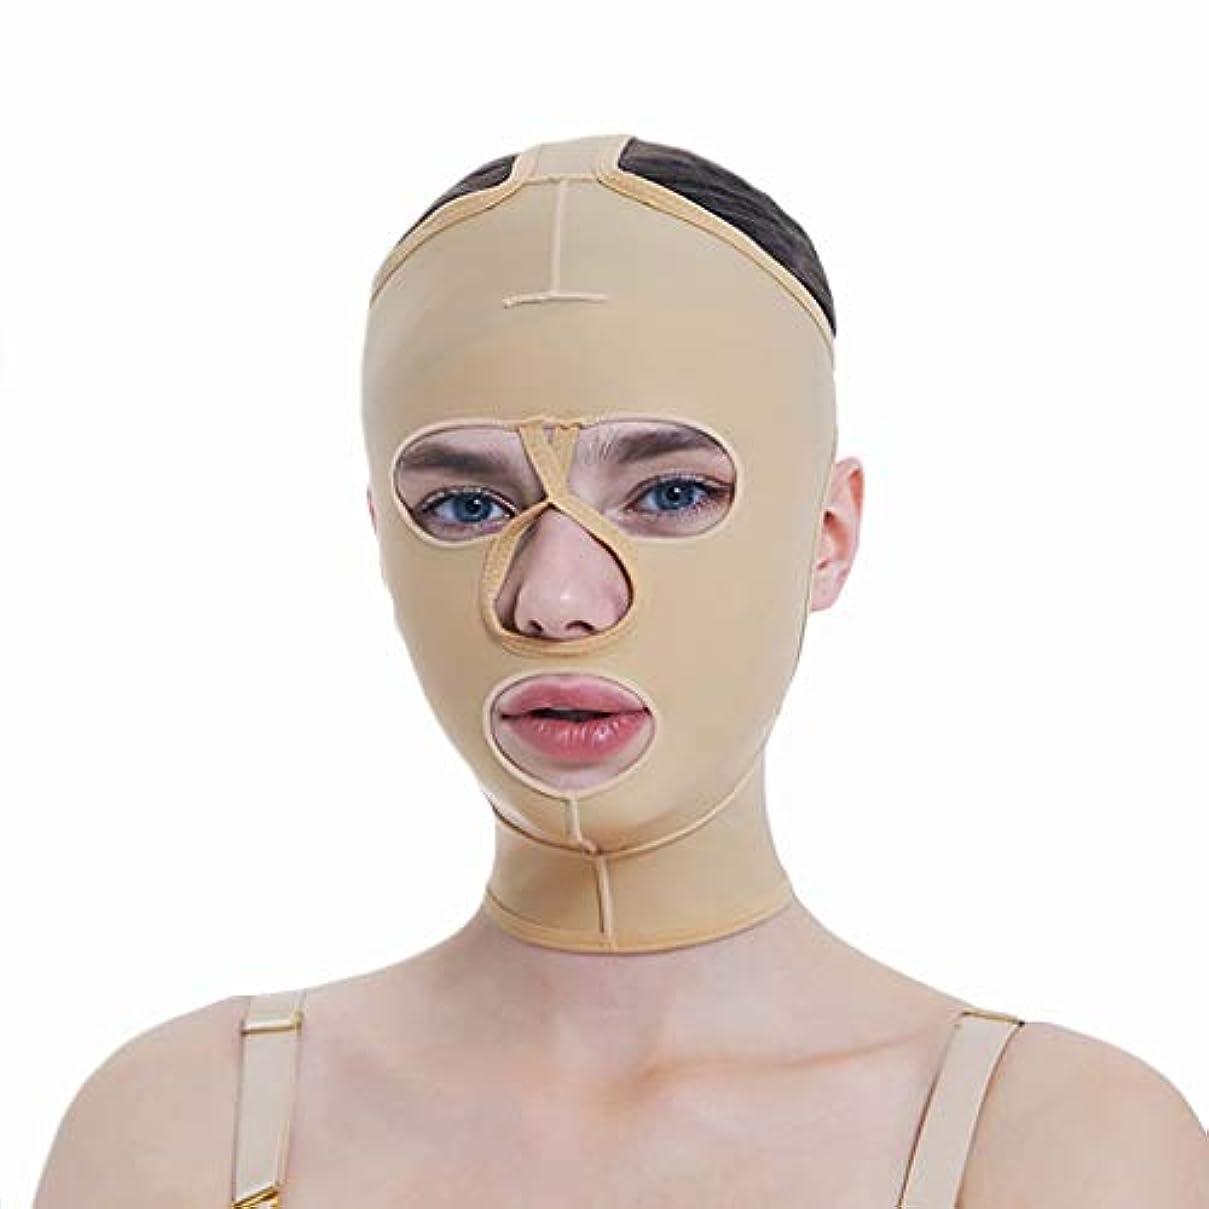 ワークショップ難破船休日にXHLMRMJ 顔の減量マスク、フルカバレッジ包帯、フルフェイスリフティングマスク、フェイスマスク、快適で通気性、リフティングシェーピング (Size : M)